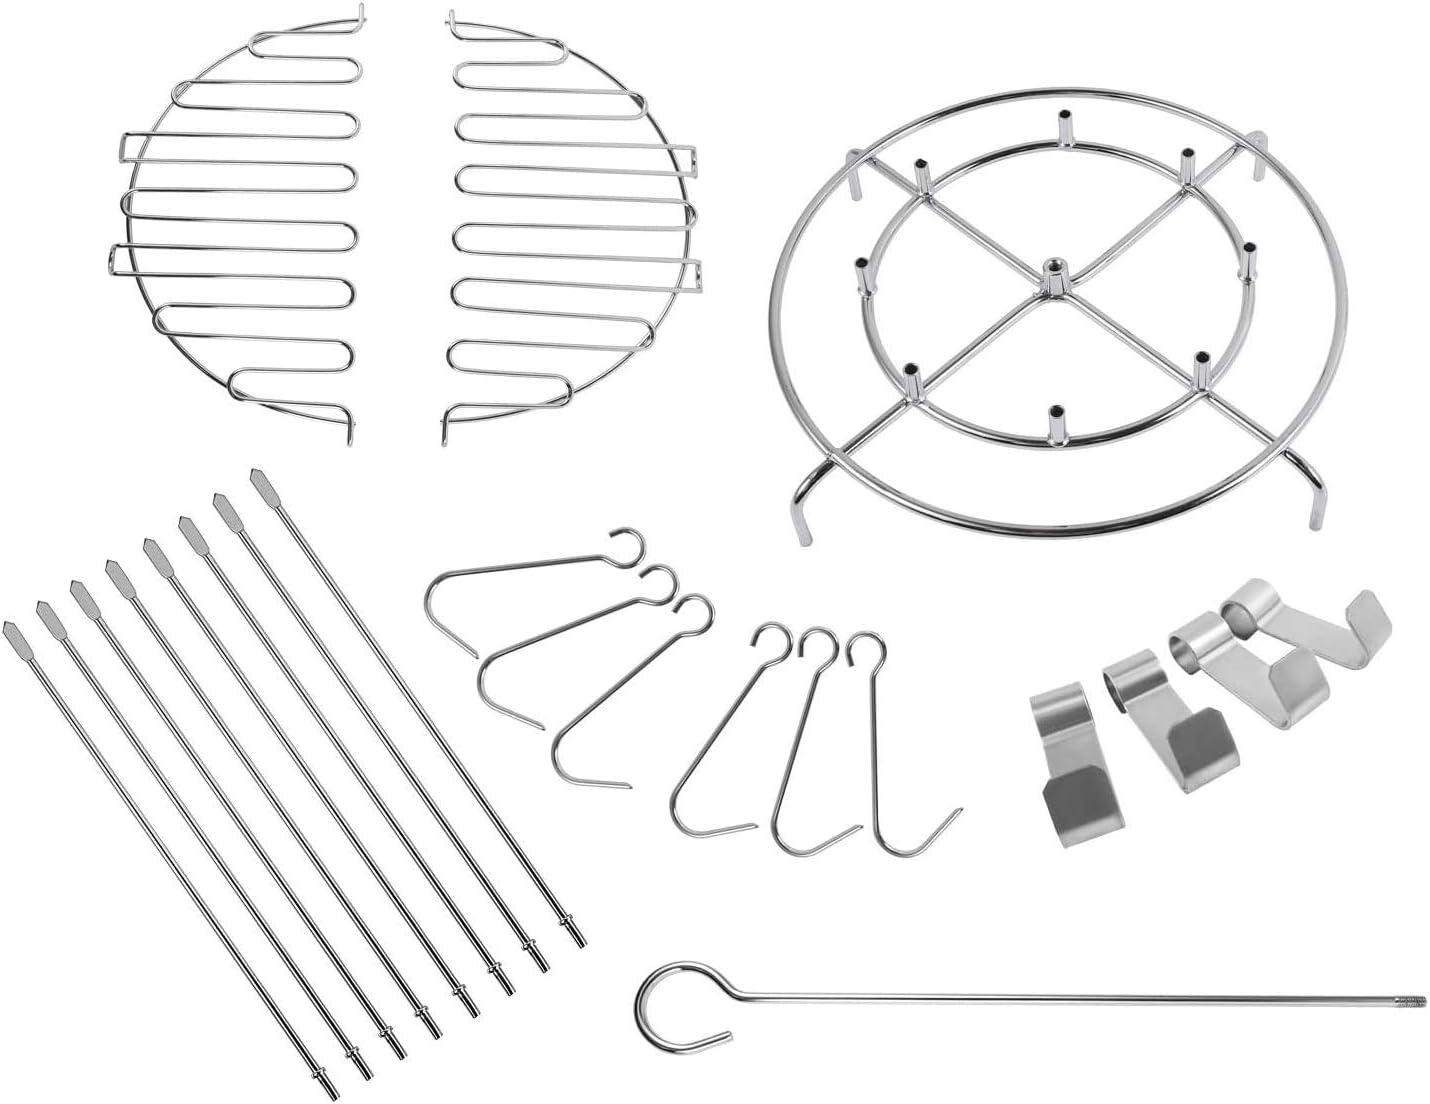 BBQ Future Turkey Fryer Accessory Kit for Char-Broil The Big Easy Turkey Fryer Accessories, 22-Pcs, Stainless Steel